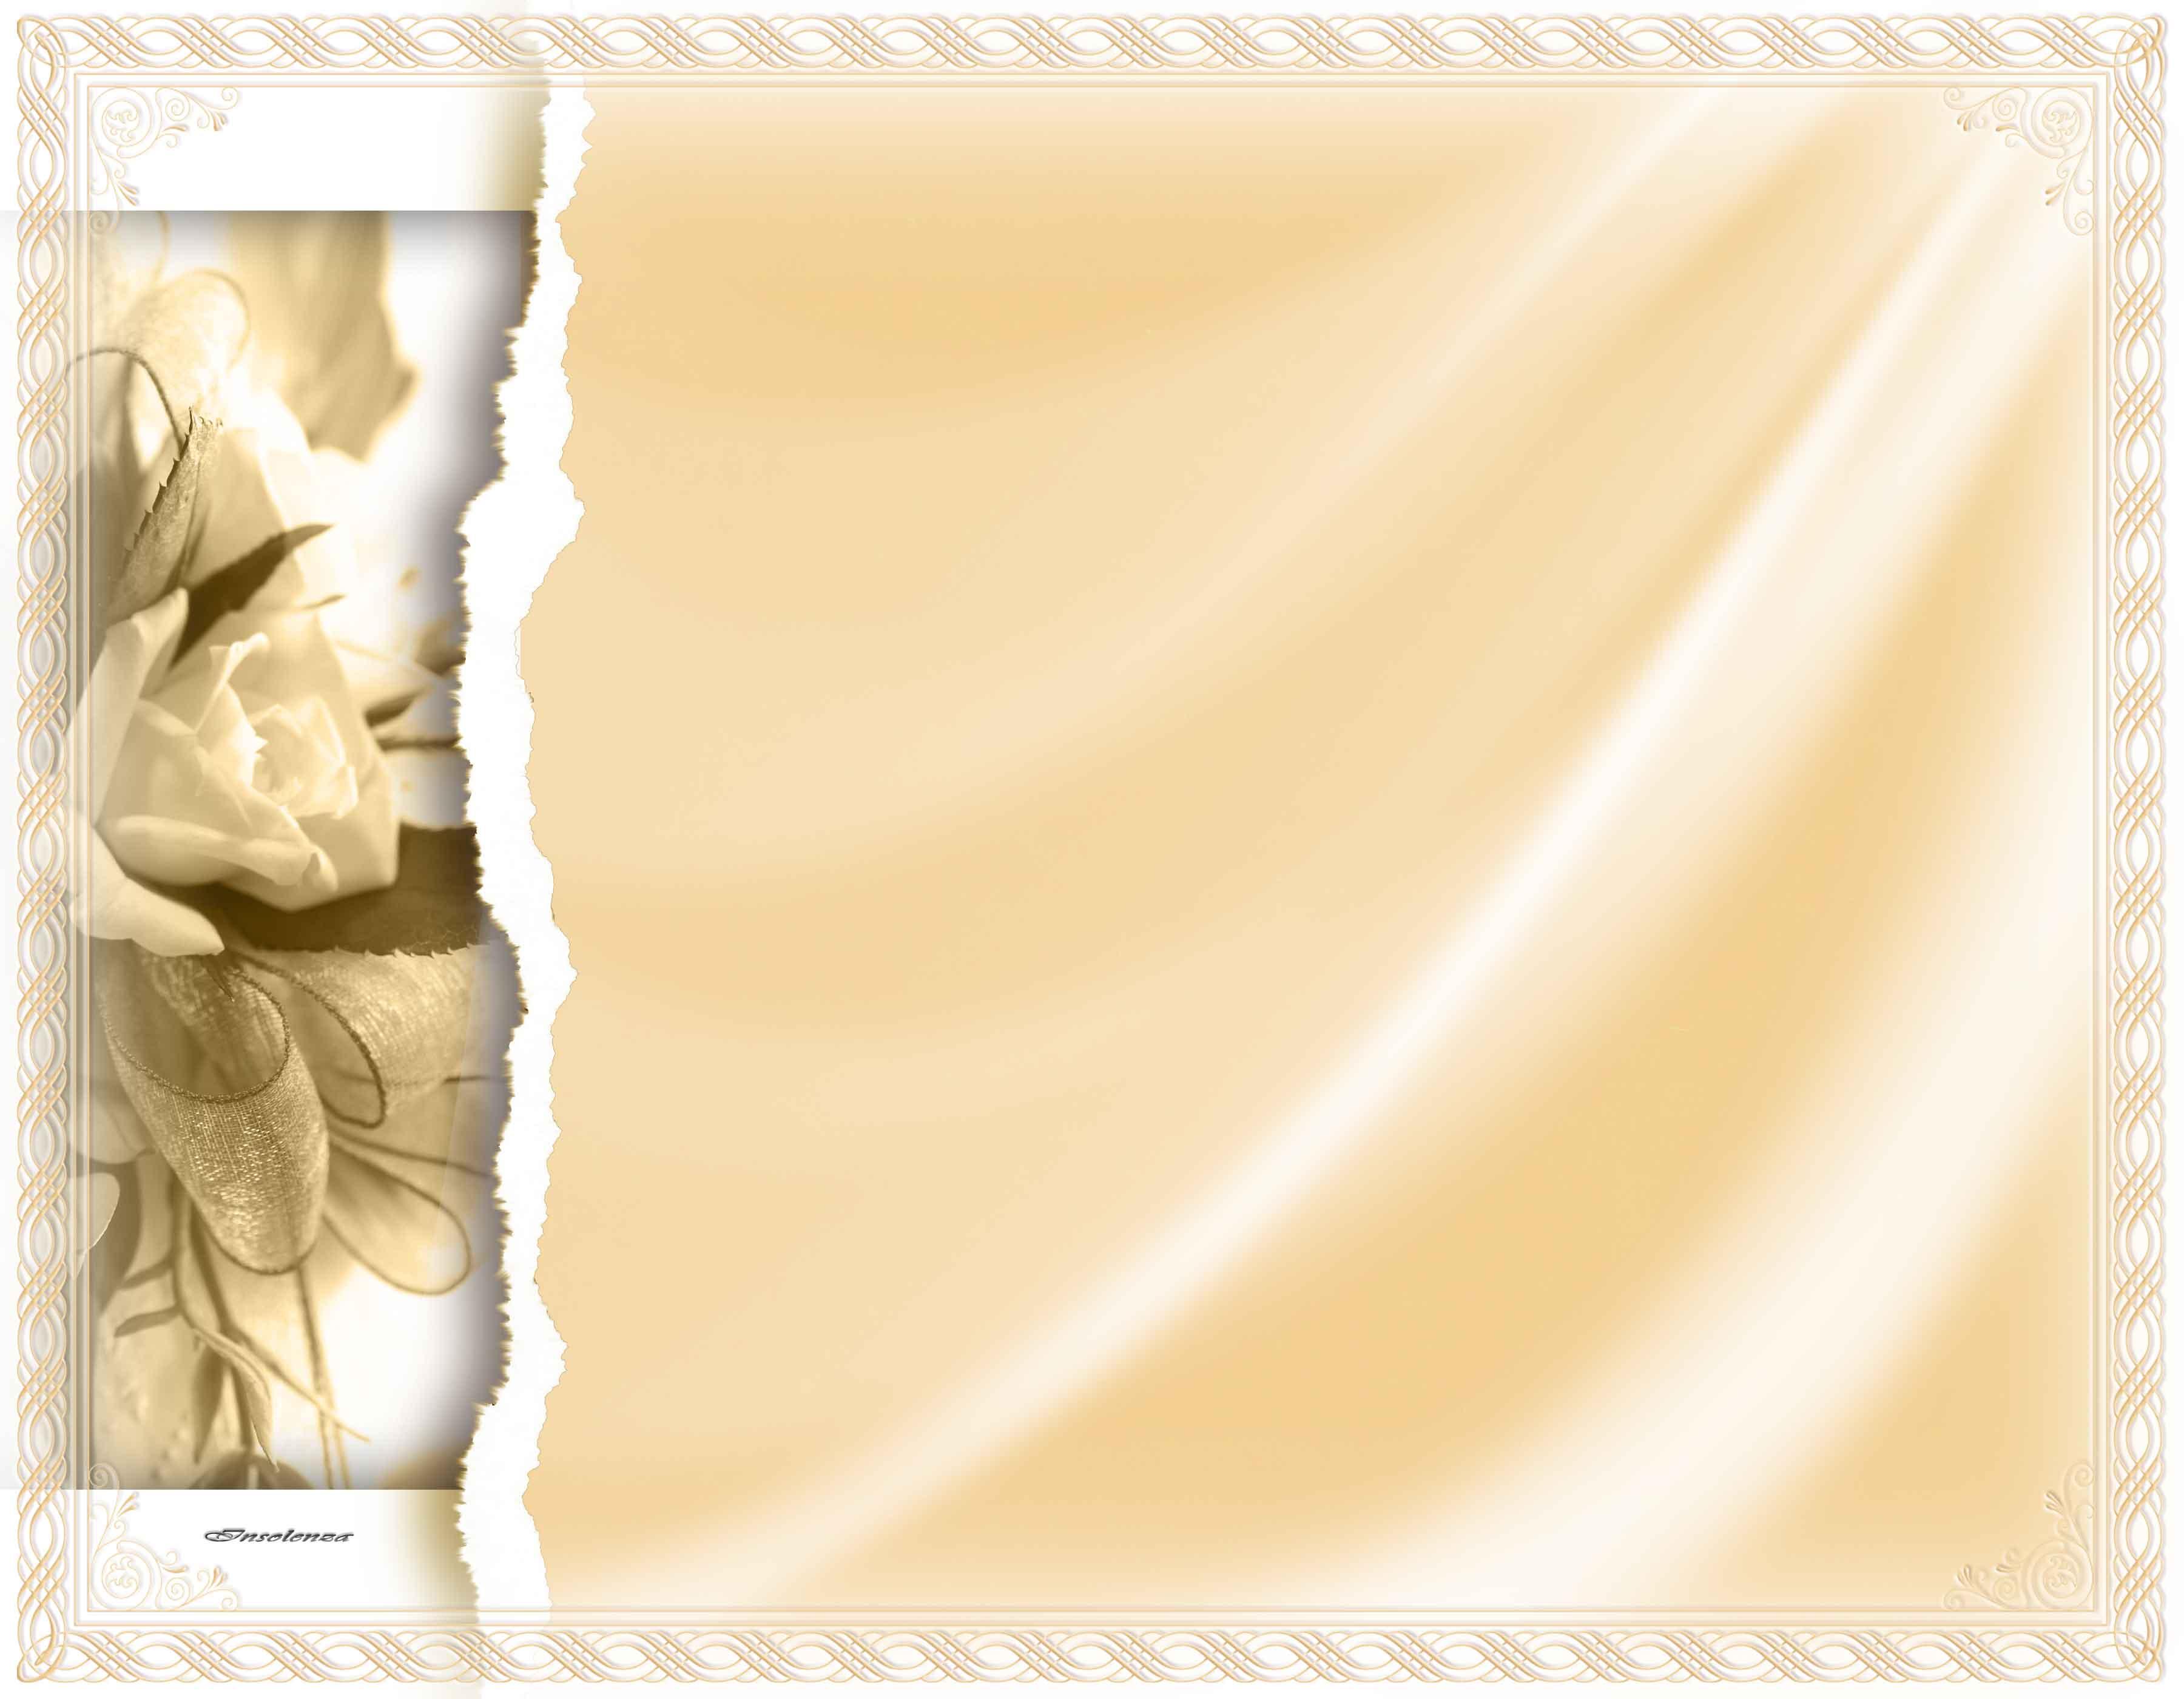 Бесплатные свадебные шаблоны скачать скачать бесплатно шаблонов для свадьбы